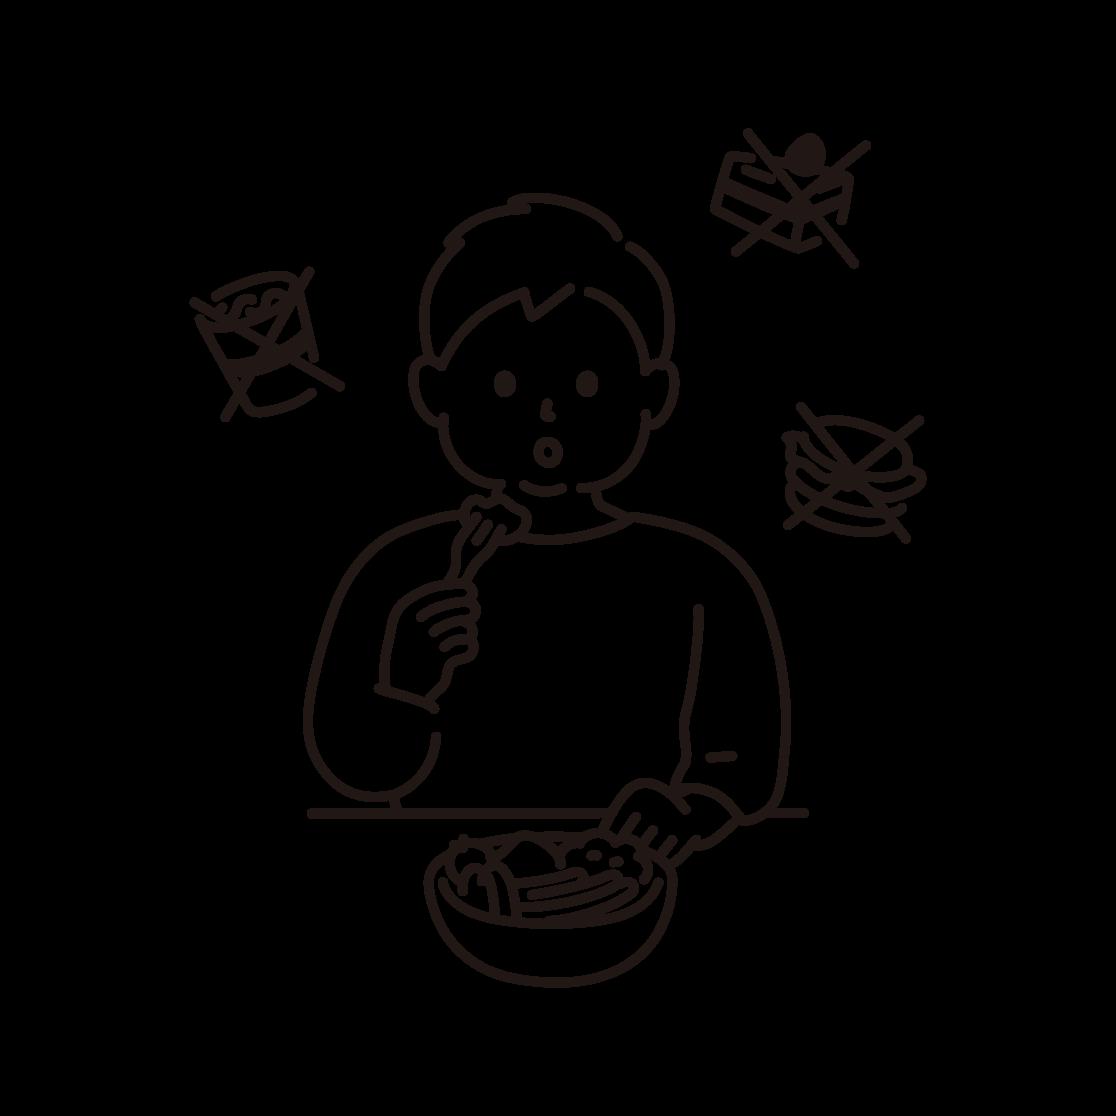 食事制限をする男性のイラスト(線画)